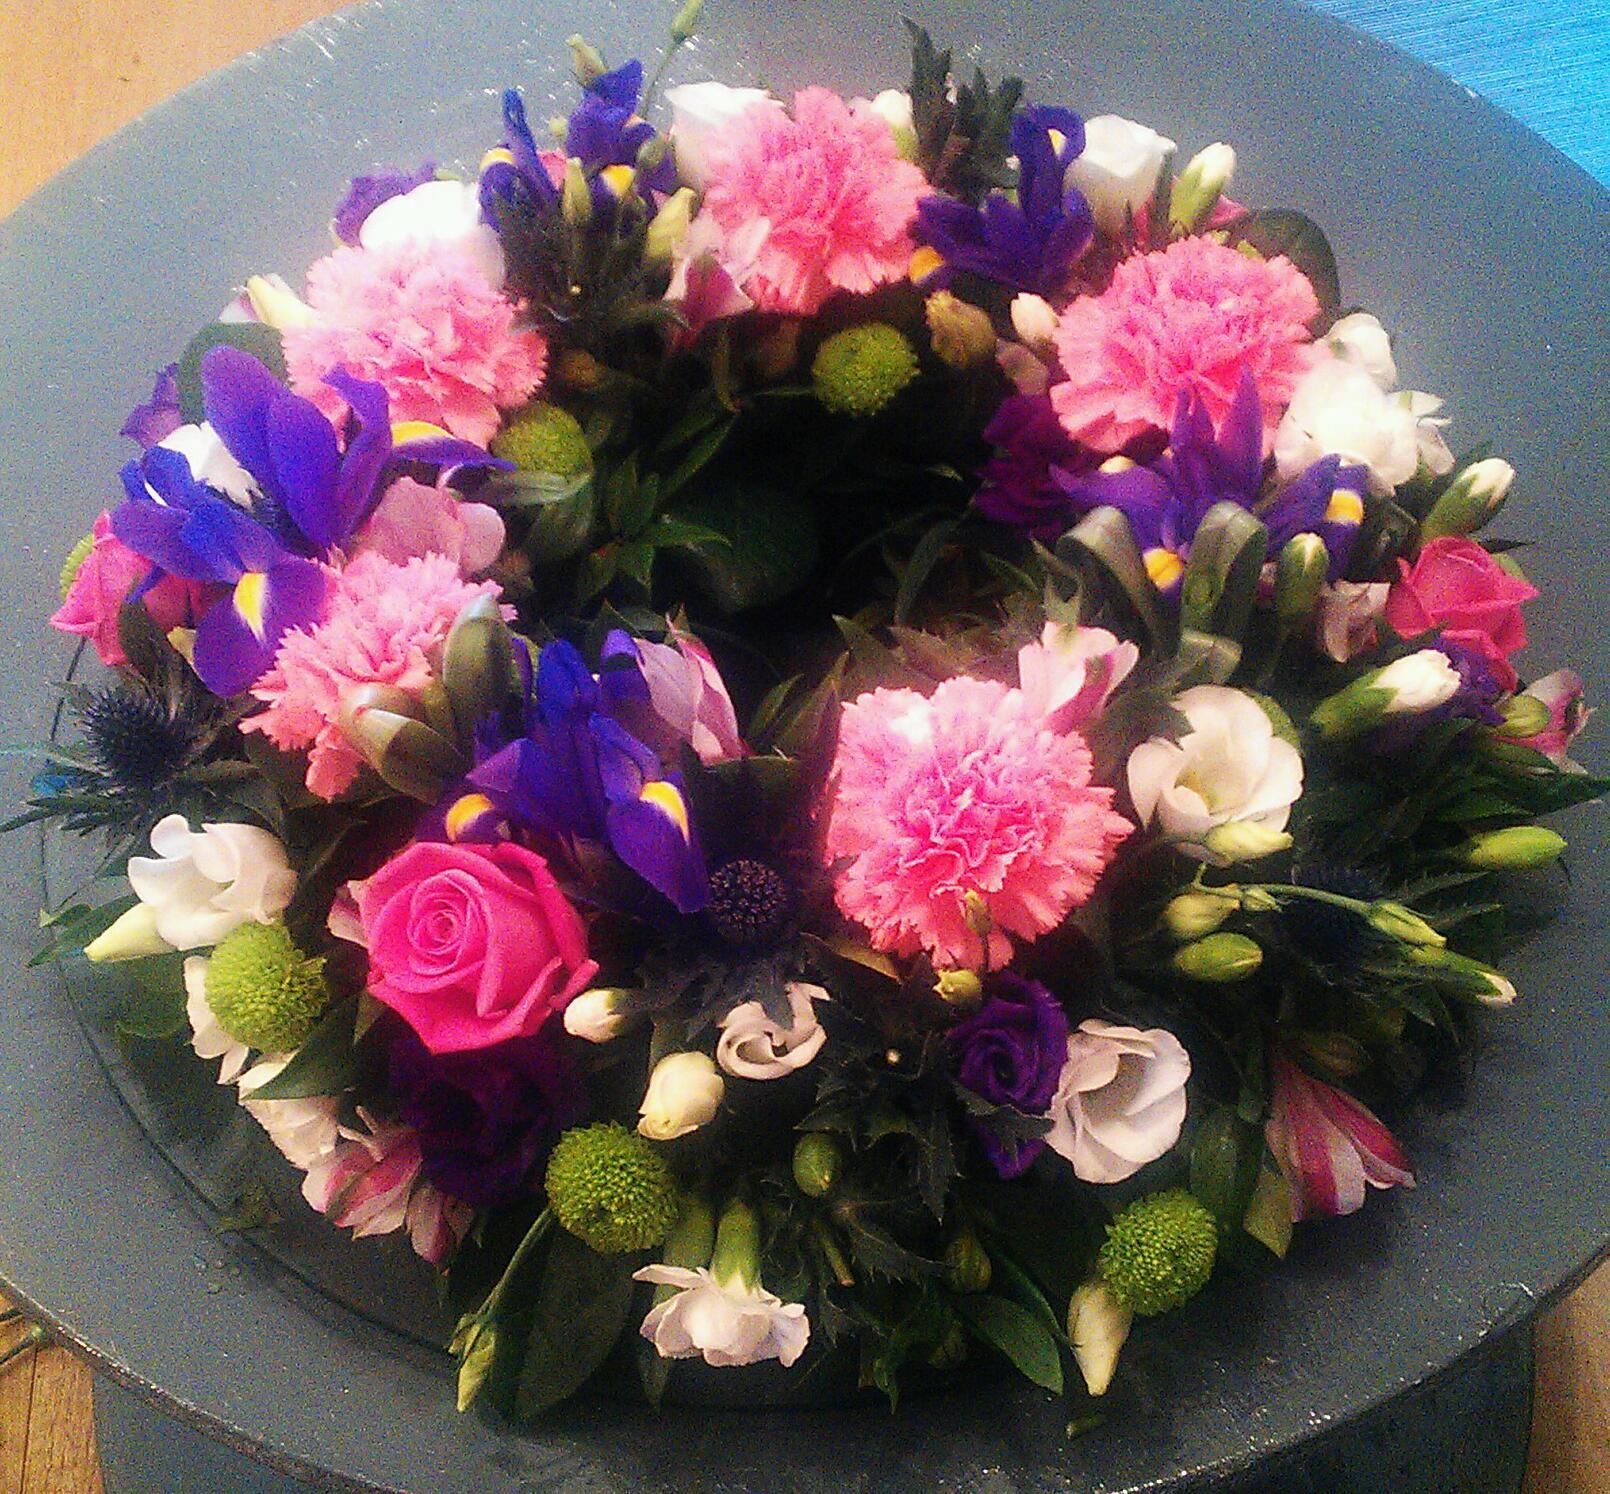 Florist in Market Harborough